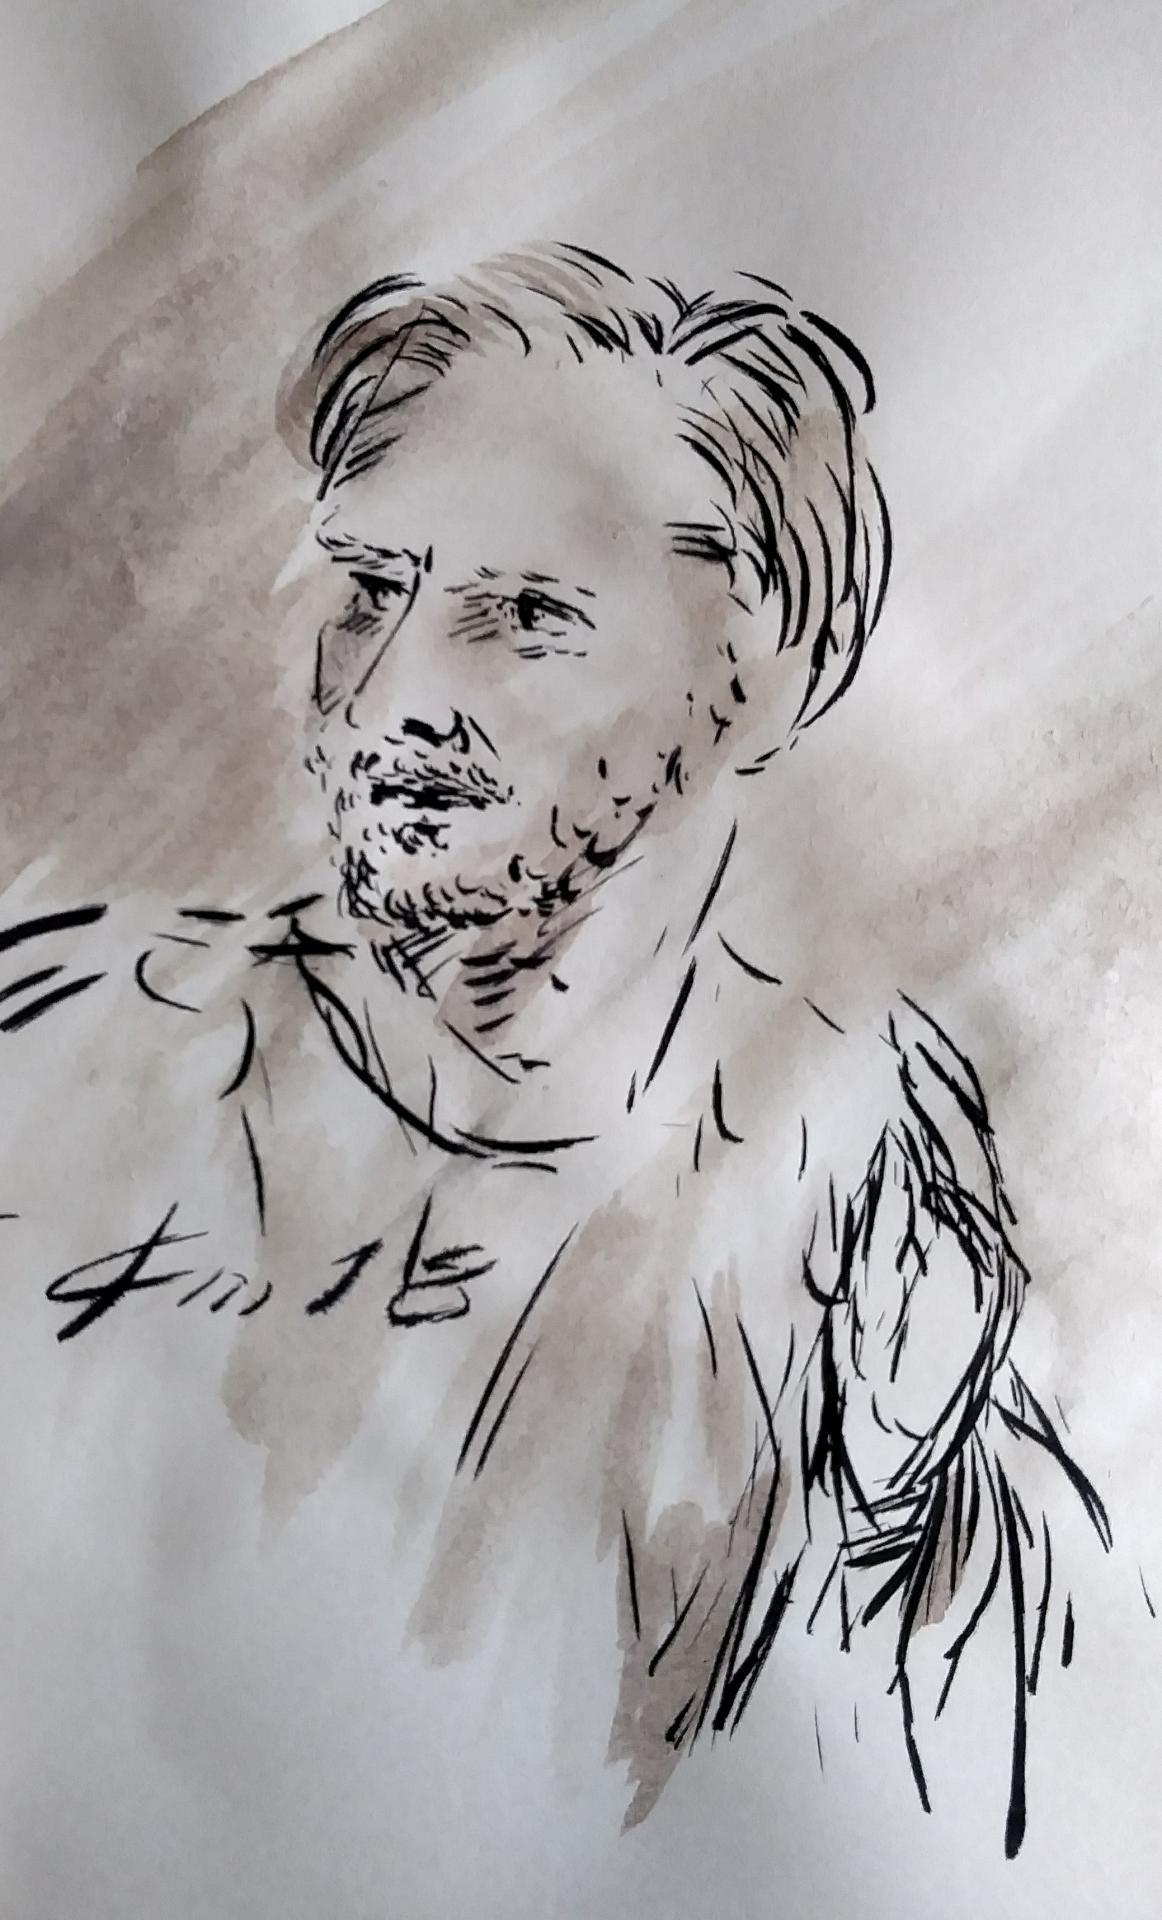 30 avril 2018 evangile du jour illustre par un dessin au lavis de jean joseph chevalier